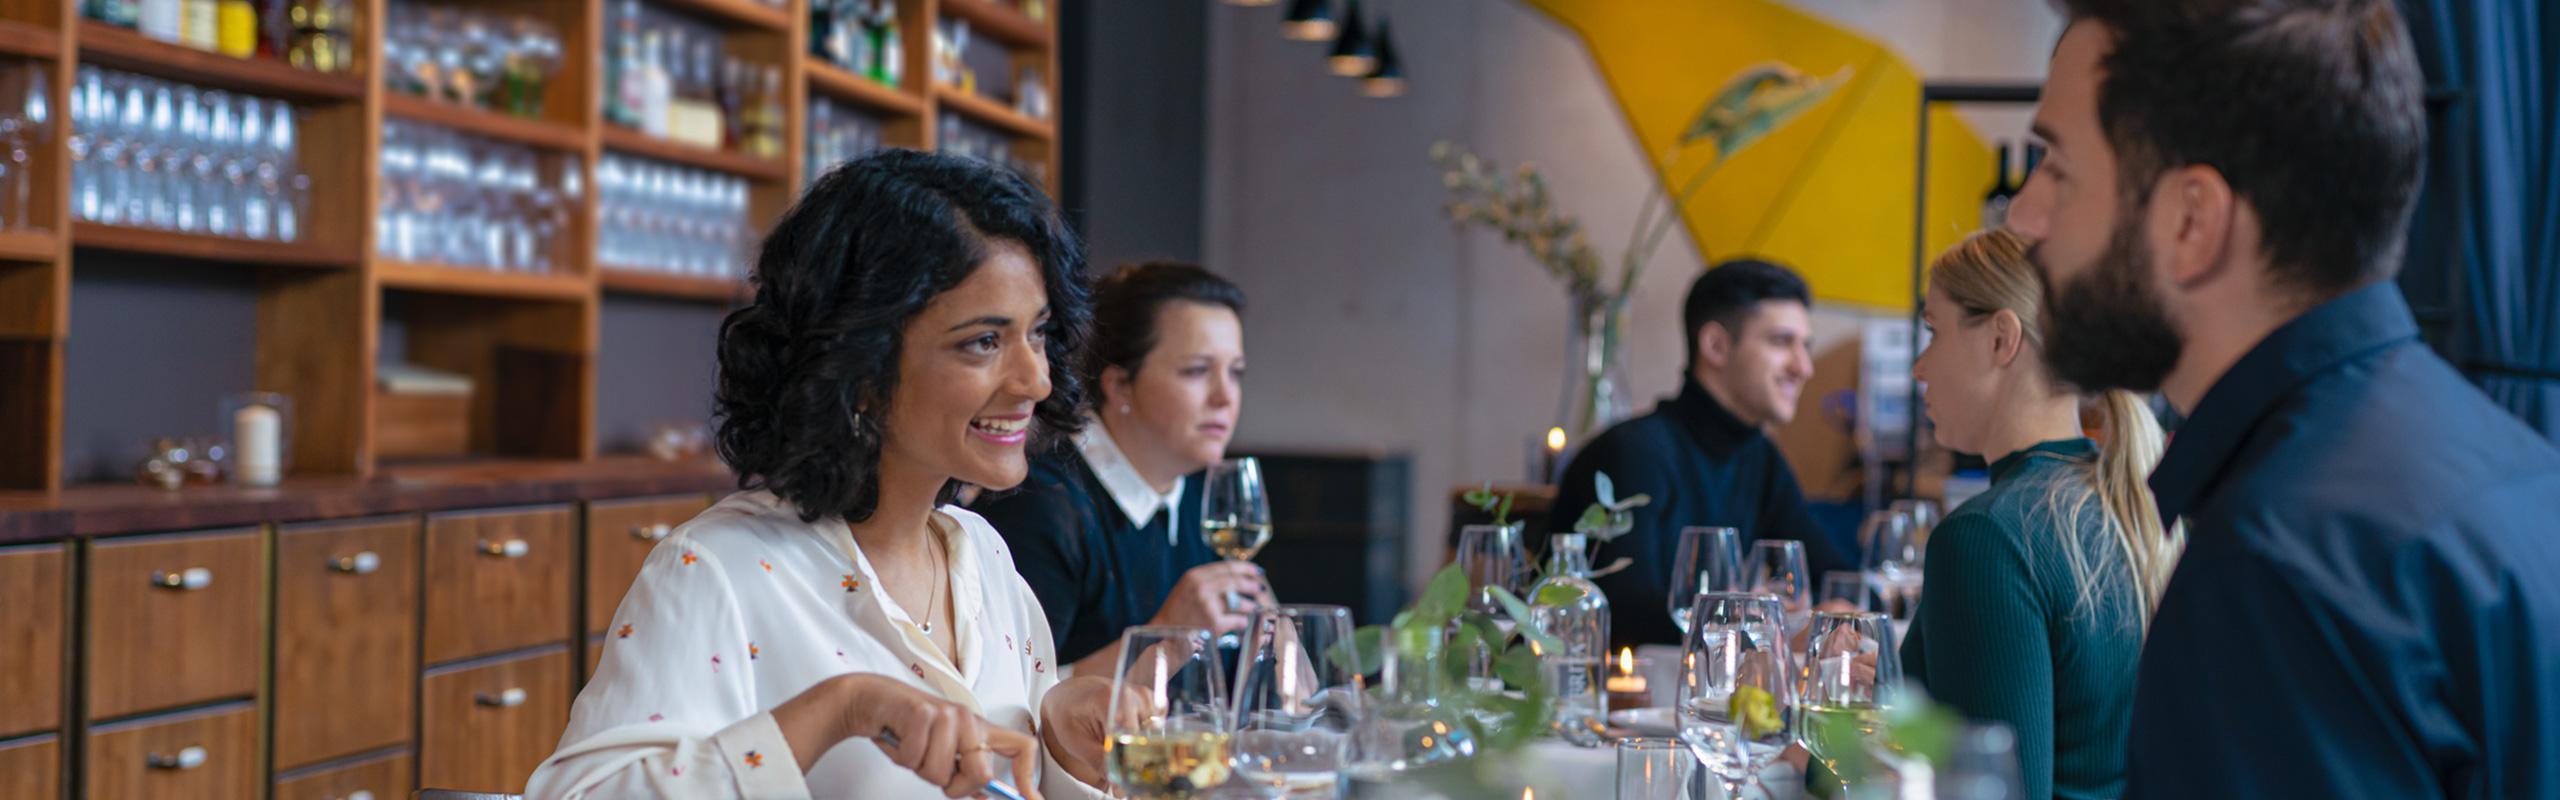 BRITA restaurante de lujo sushi